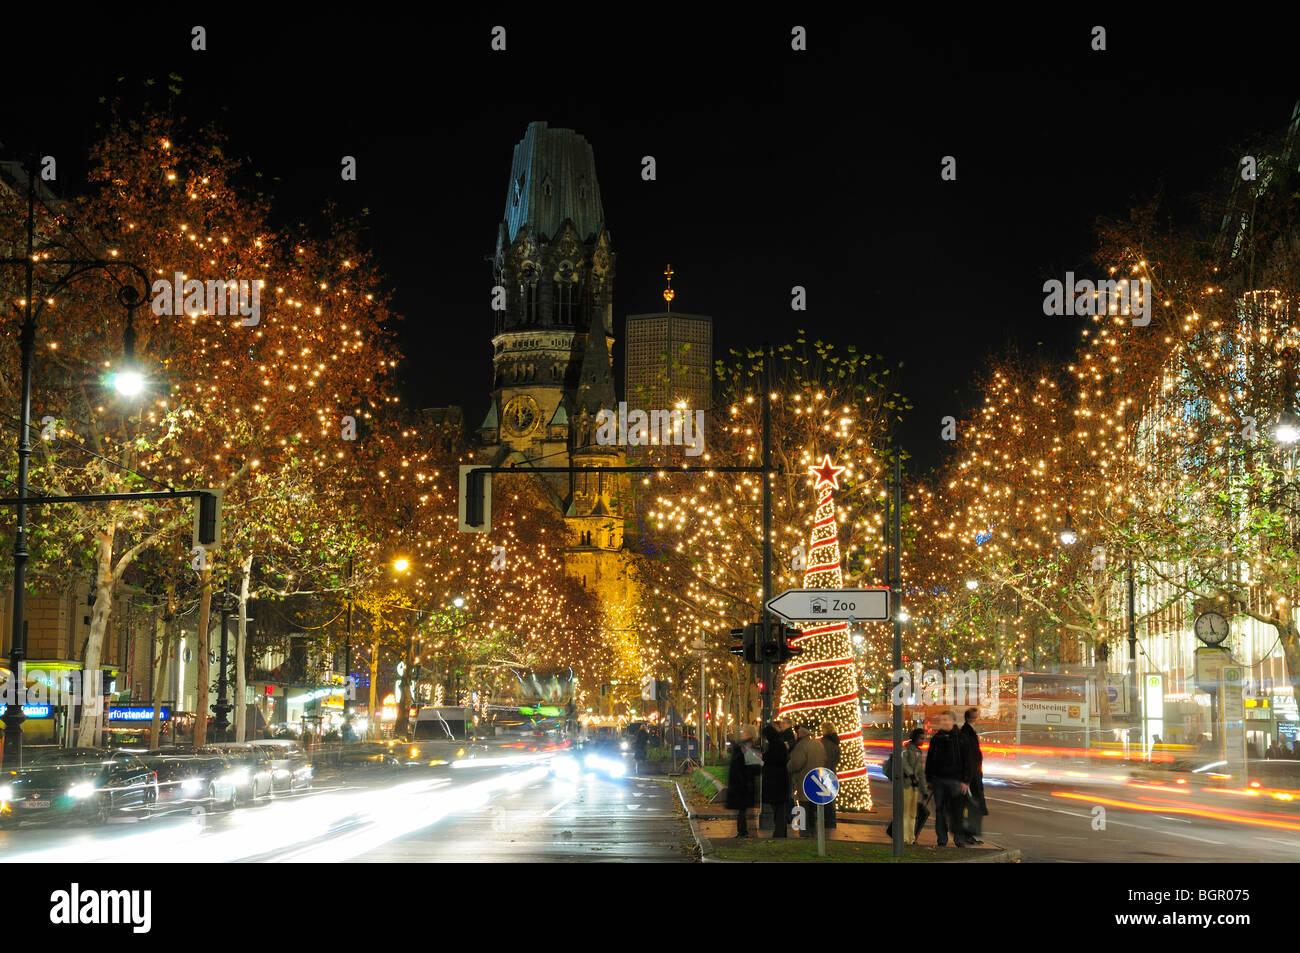 weihnachtsbeleuchtung verkehr auf dem boulevard kurf rstendamm in der nacht berlin stockfoto. Black Bedroom Furniture Sets. Home Design Ideas